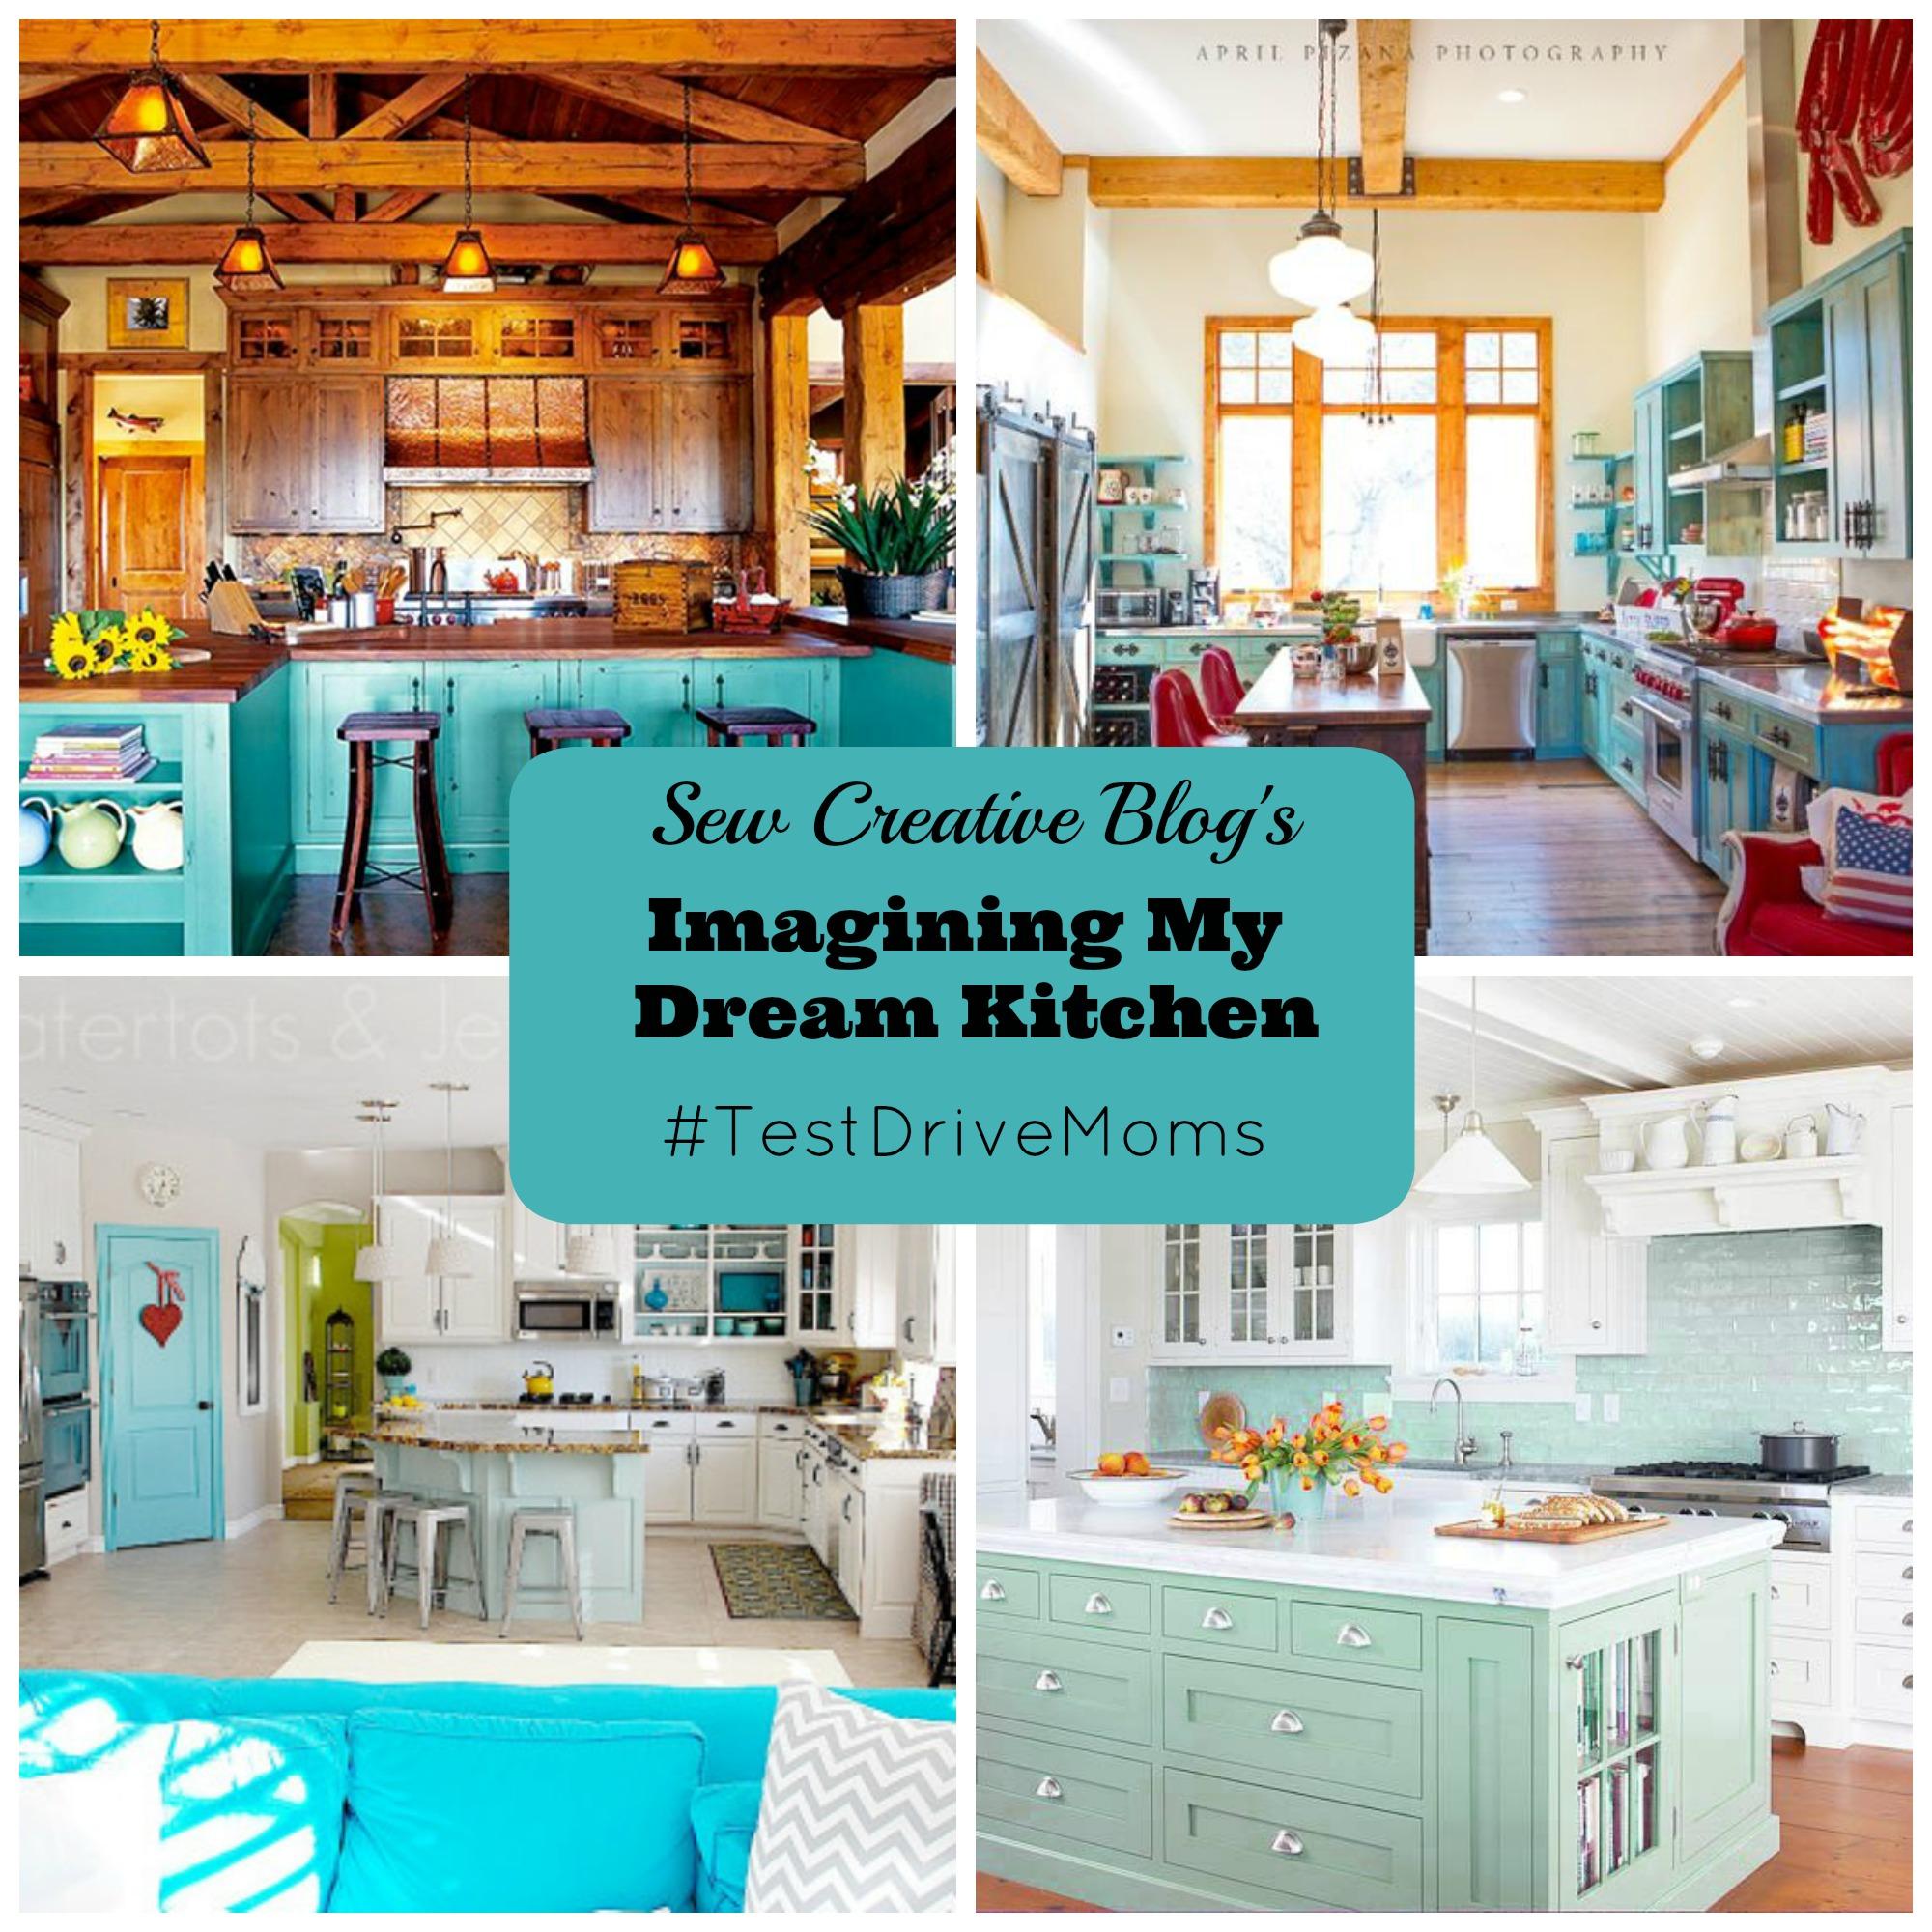 My Dream Kitchen Fashionandstylepolice: Imagining My Dream Kitchen #TestDriveMoms